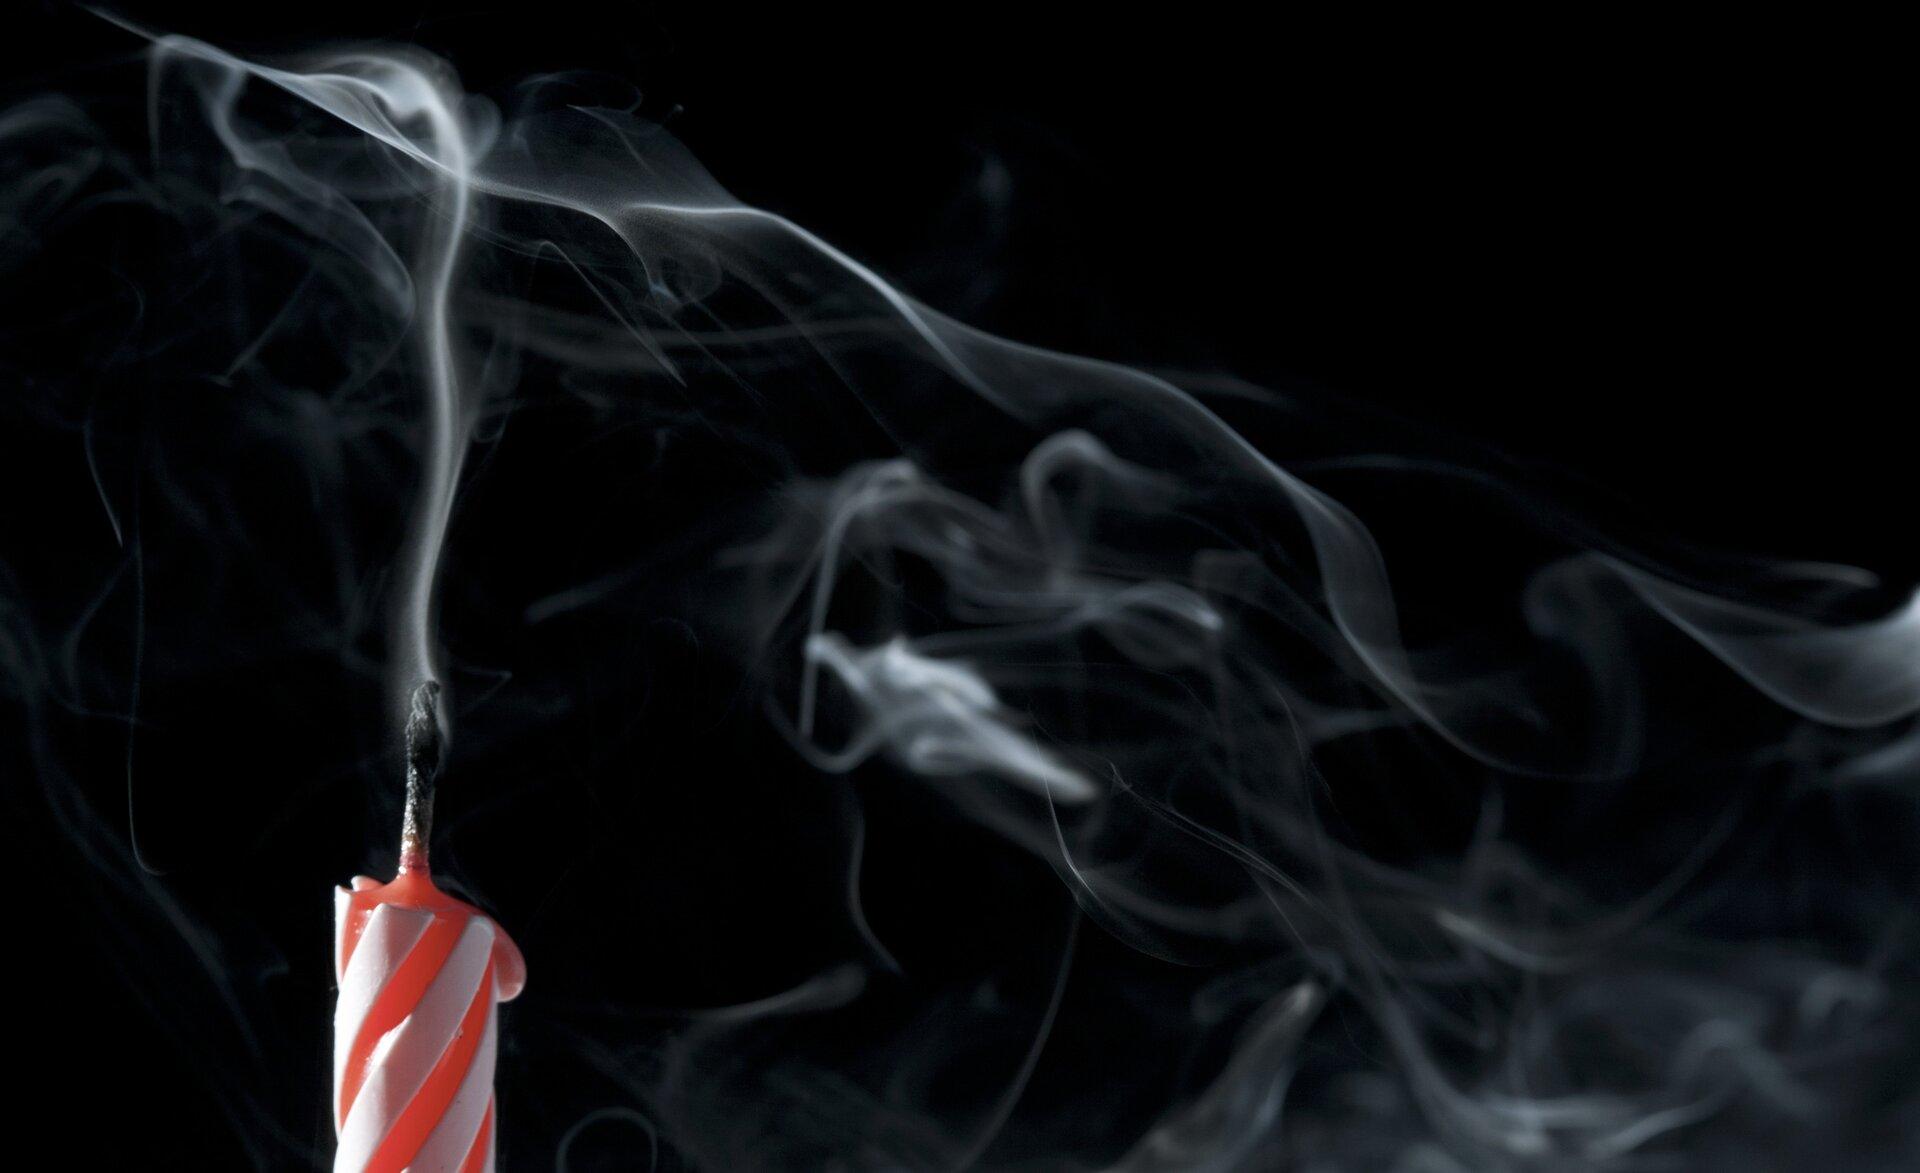 Zdjęcie przedstawia zgaszoną urodzinową, czerwono białą pasiastą świeczkę na czarnym tle. Świeczka znajduje się wlewym dolnym rogu kadru, oświetlona jest zlewej strony. Knot niedawno zgaszony, dymi się jeszcze. Resztę kadru wypełnia czarne tło oraz zakręcone smugi szarego dymu mającego swój początek wknocie.